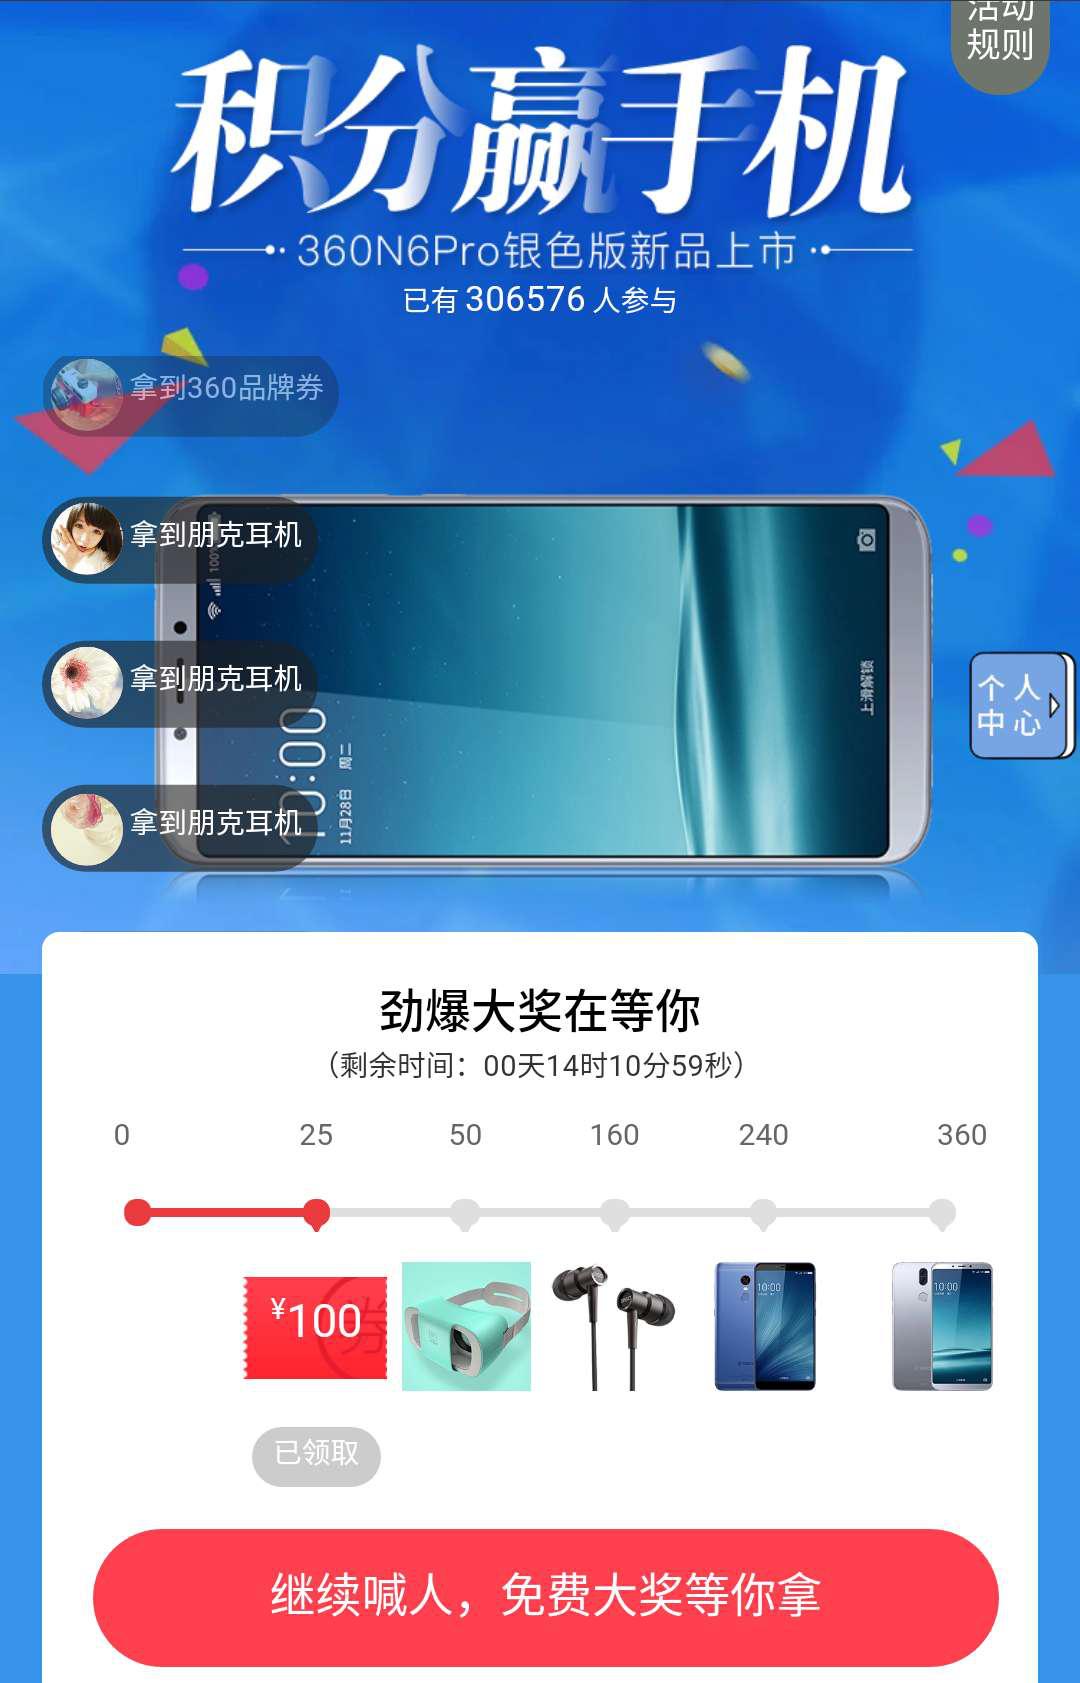 360手机品牌盛典:全新配色上市,六大惊喜同步上演